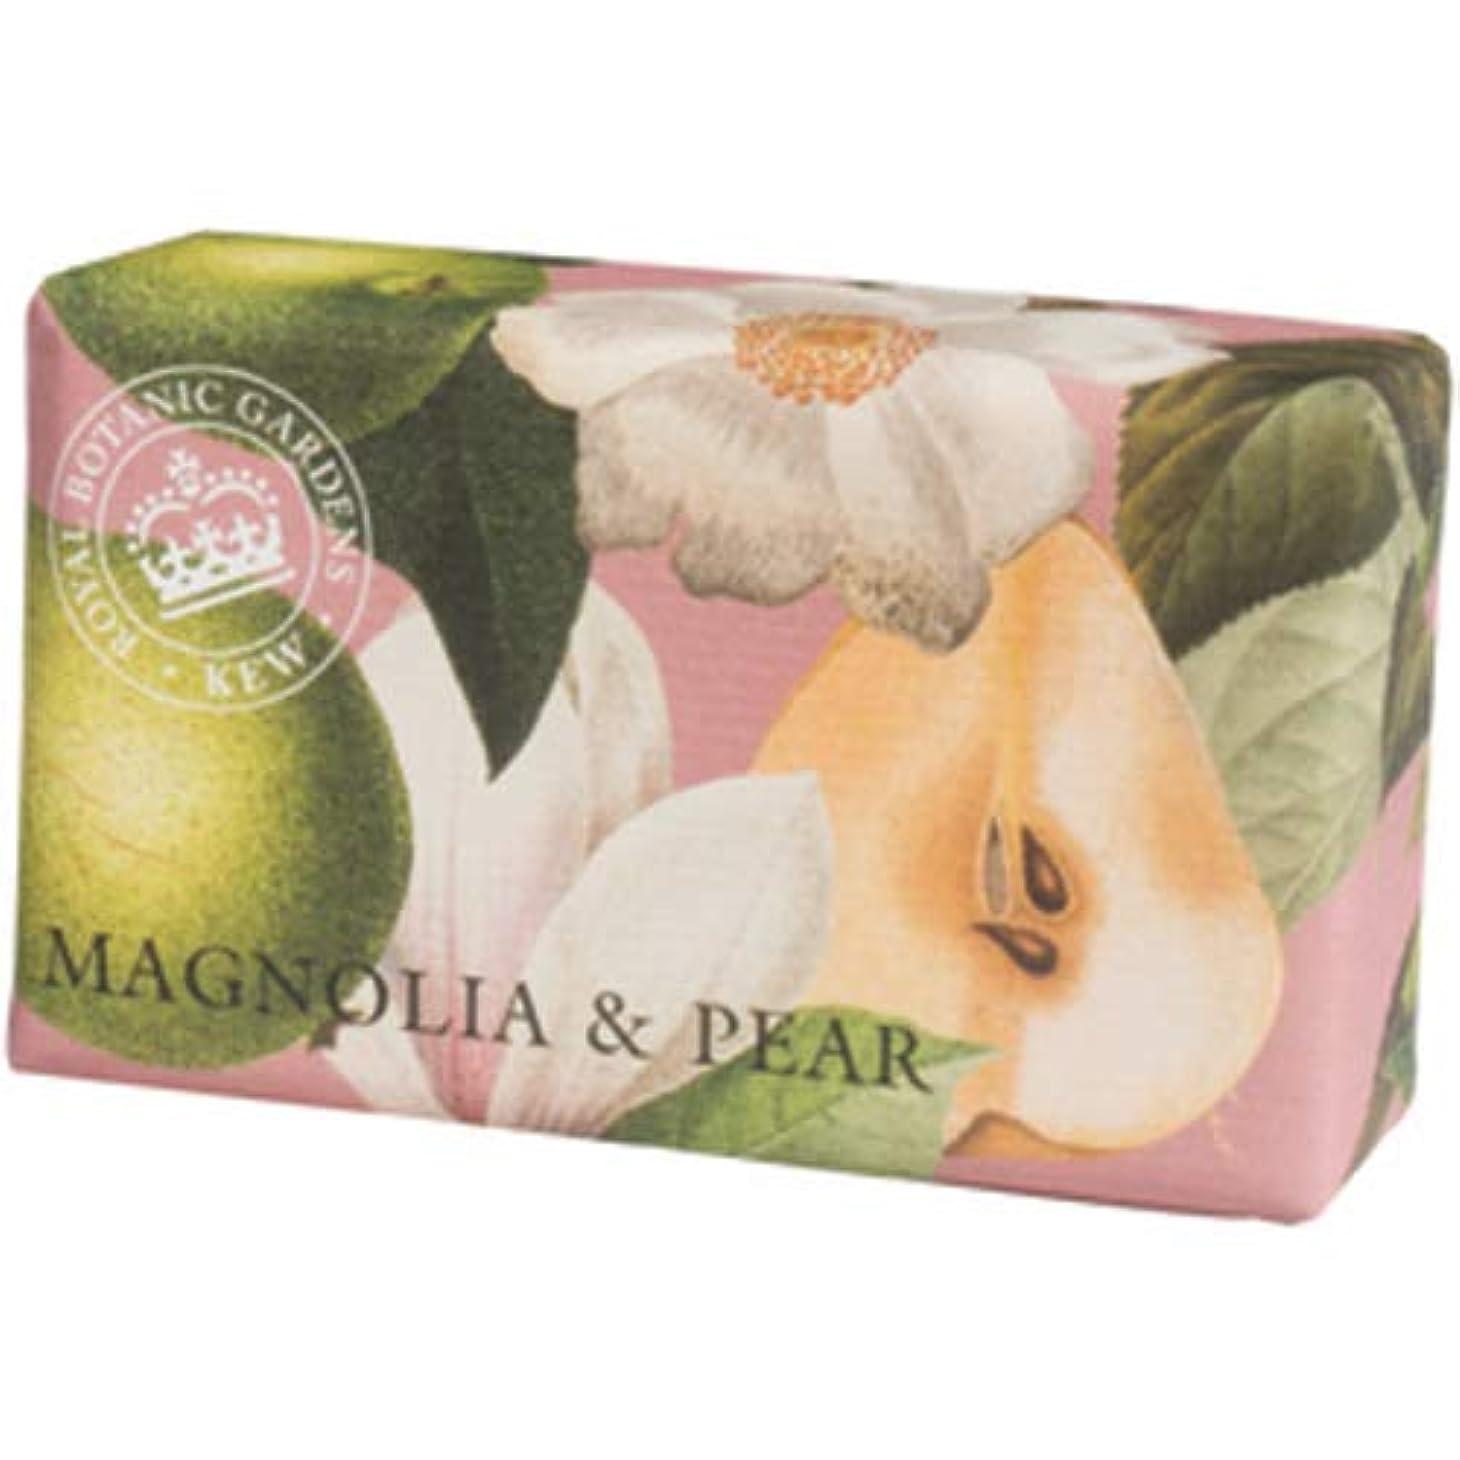 ストレス高めるオズワルドEnglish Soap Company イングリッシュソープカンパニー KEW GARDEN キュー?ガーデン Luxury Shea Soaps シアソープ Magnolia & Pear マグノリア&ペア